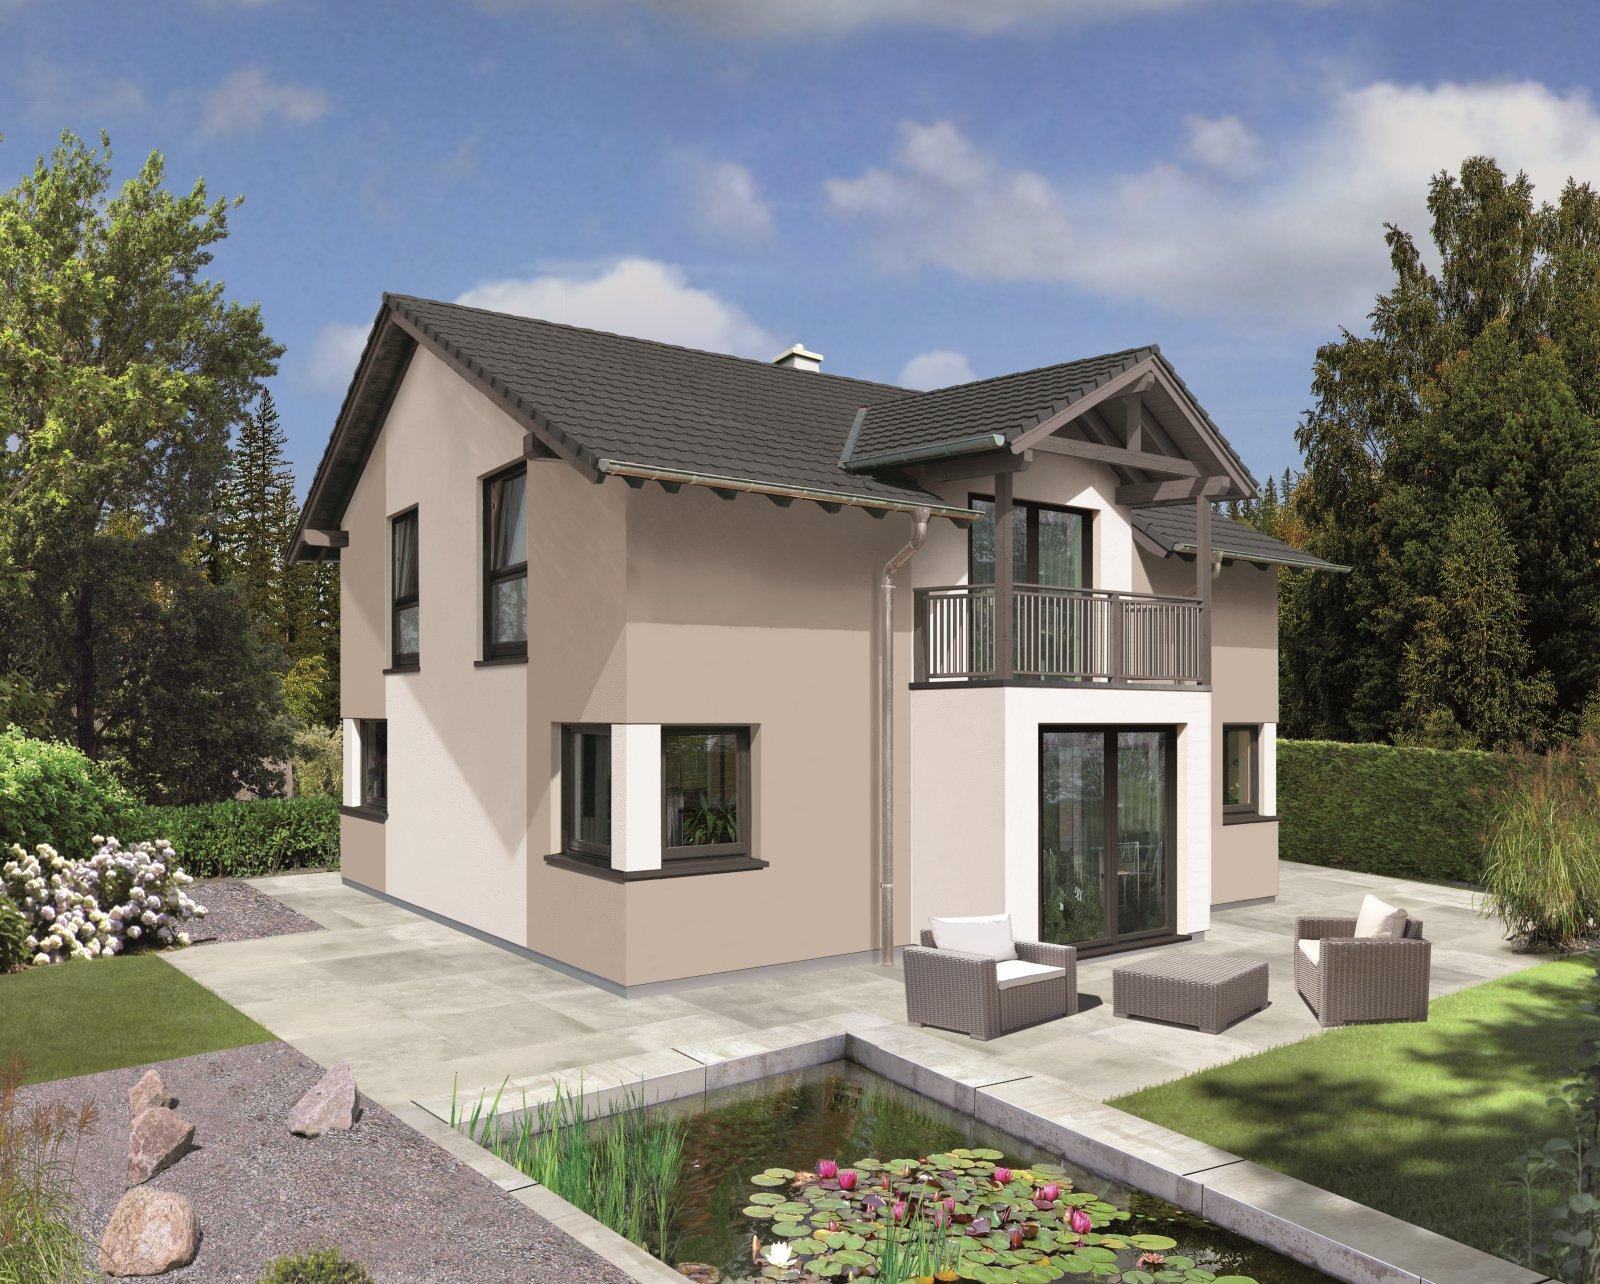 Trend 129 S - 24° Dachneigung, Erker im EG, Balkon im DG und Eckfenster Classic